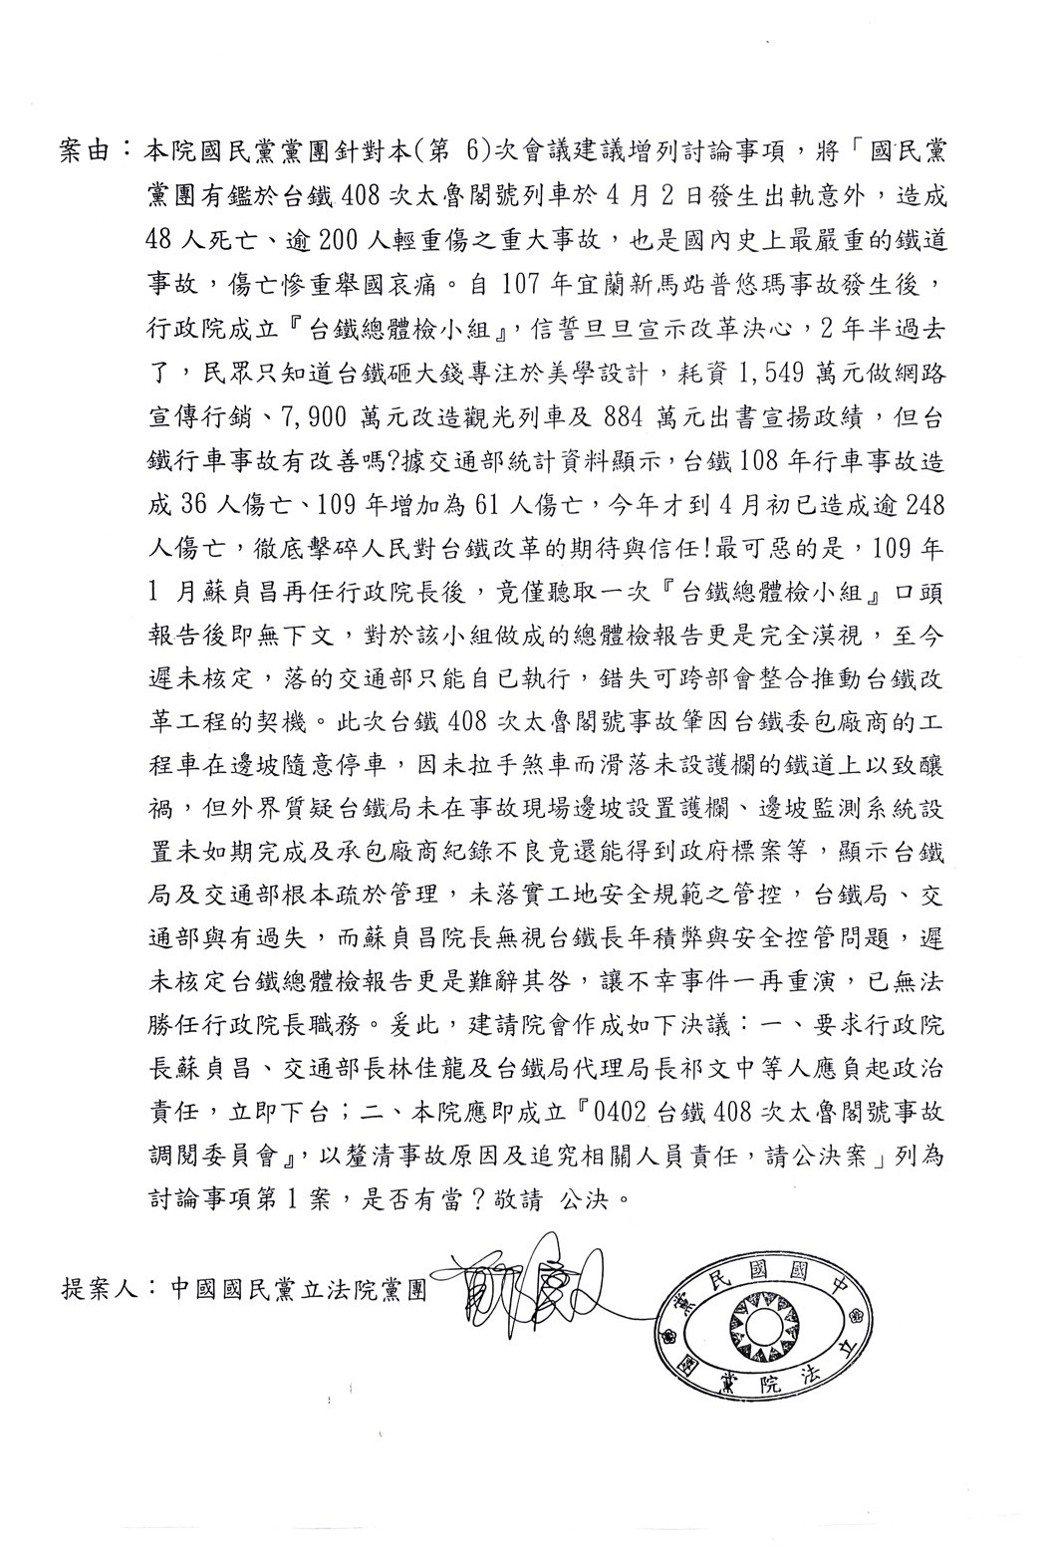 圖(正式文字會略作更新修正)/國民黨團提供